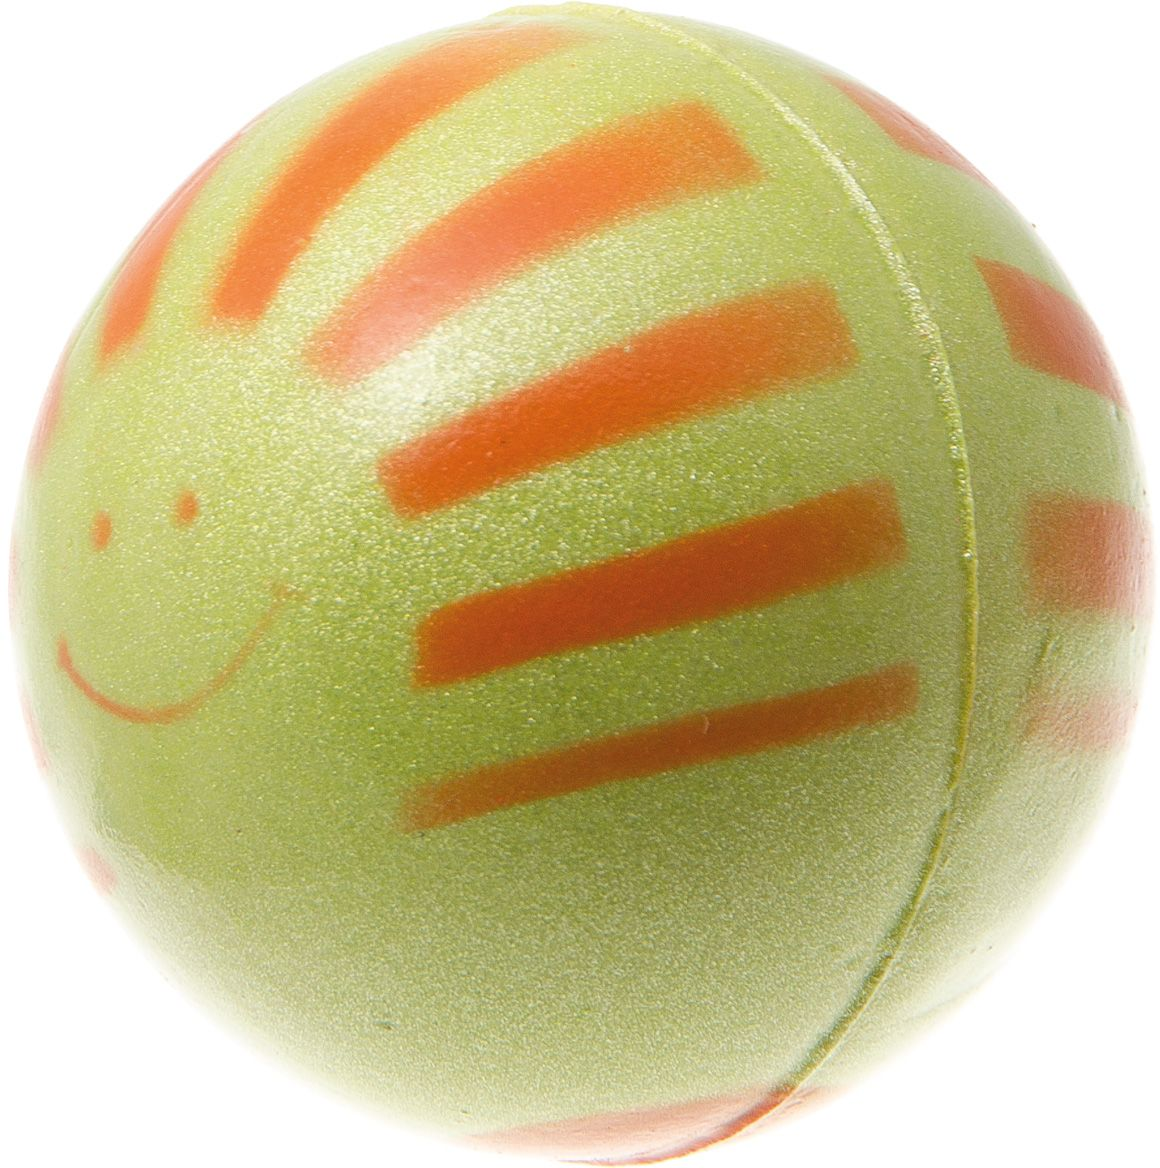 Мяч V.I.Pet Солнце, цвет: желтый, диаметр 63 мм. 20-111720-1117Предназначен для игр, тренировок и активного отдыха с животными. Мяч заинтересует и увлечёт вашего питомца. Сделана из абсолютно безопасного и качественного материала. Материал: вспененная резина.